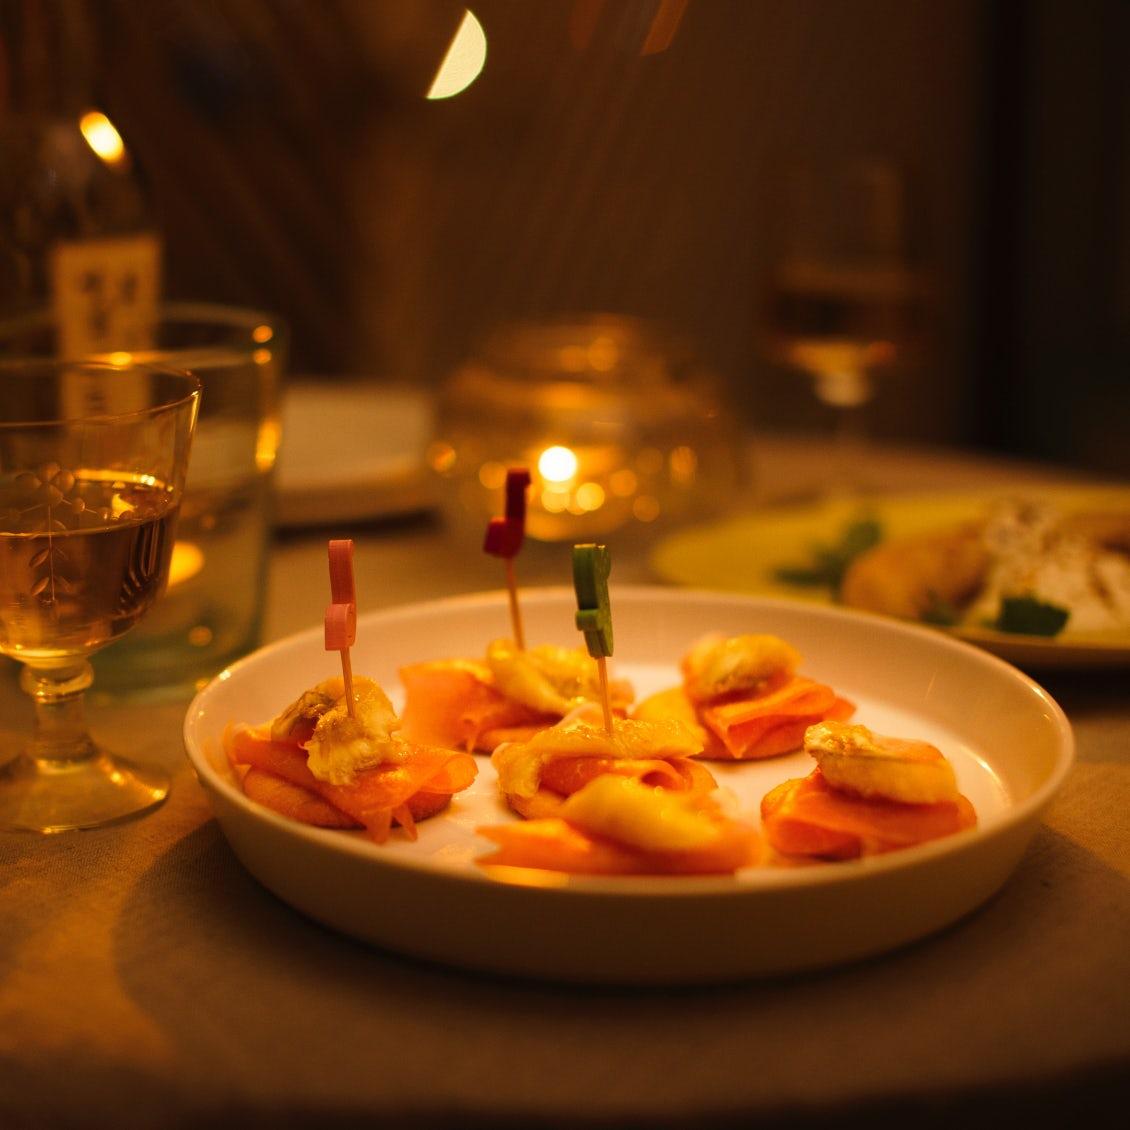 【至福の「丸焼き」おつまみ】第2夜:甘いとしょっぱいを同時にほおばる。バナナ編